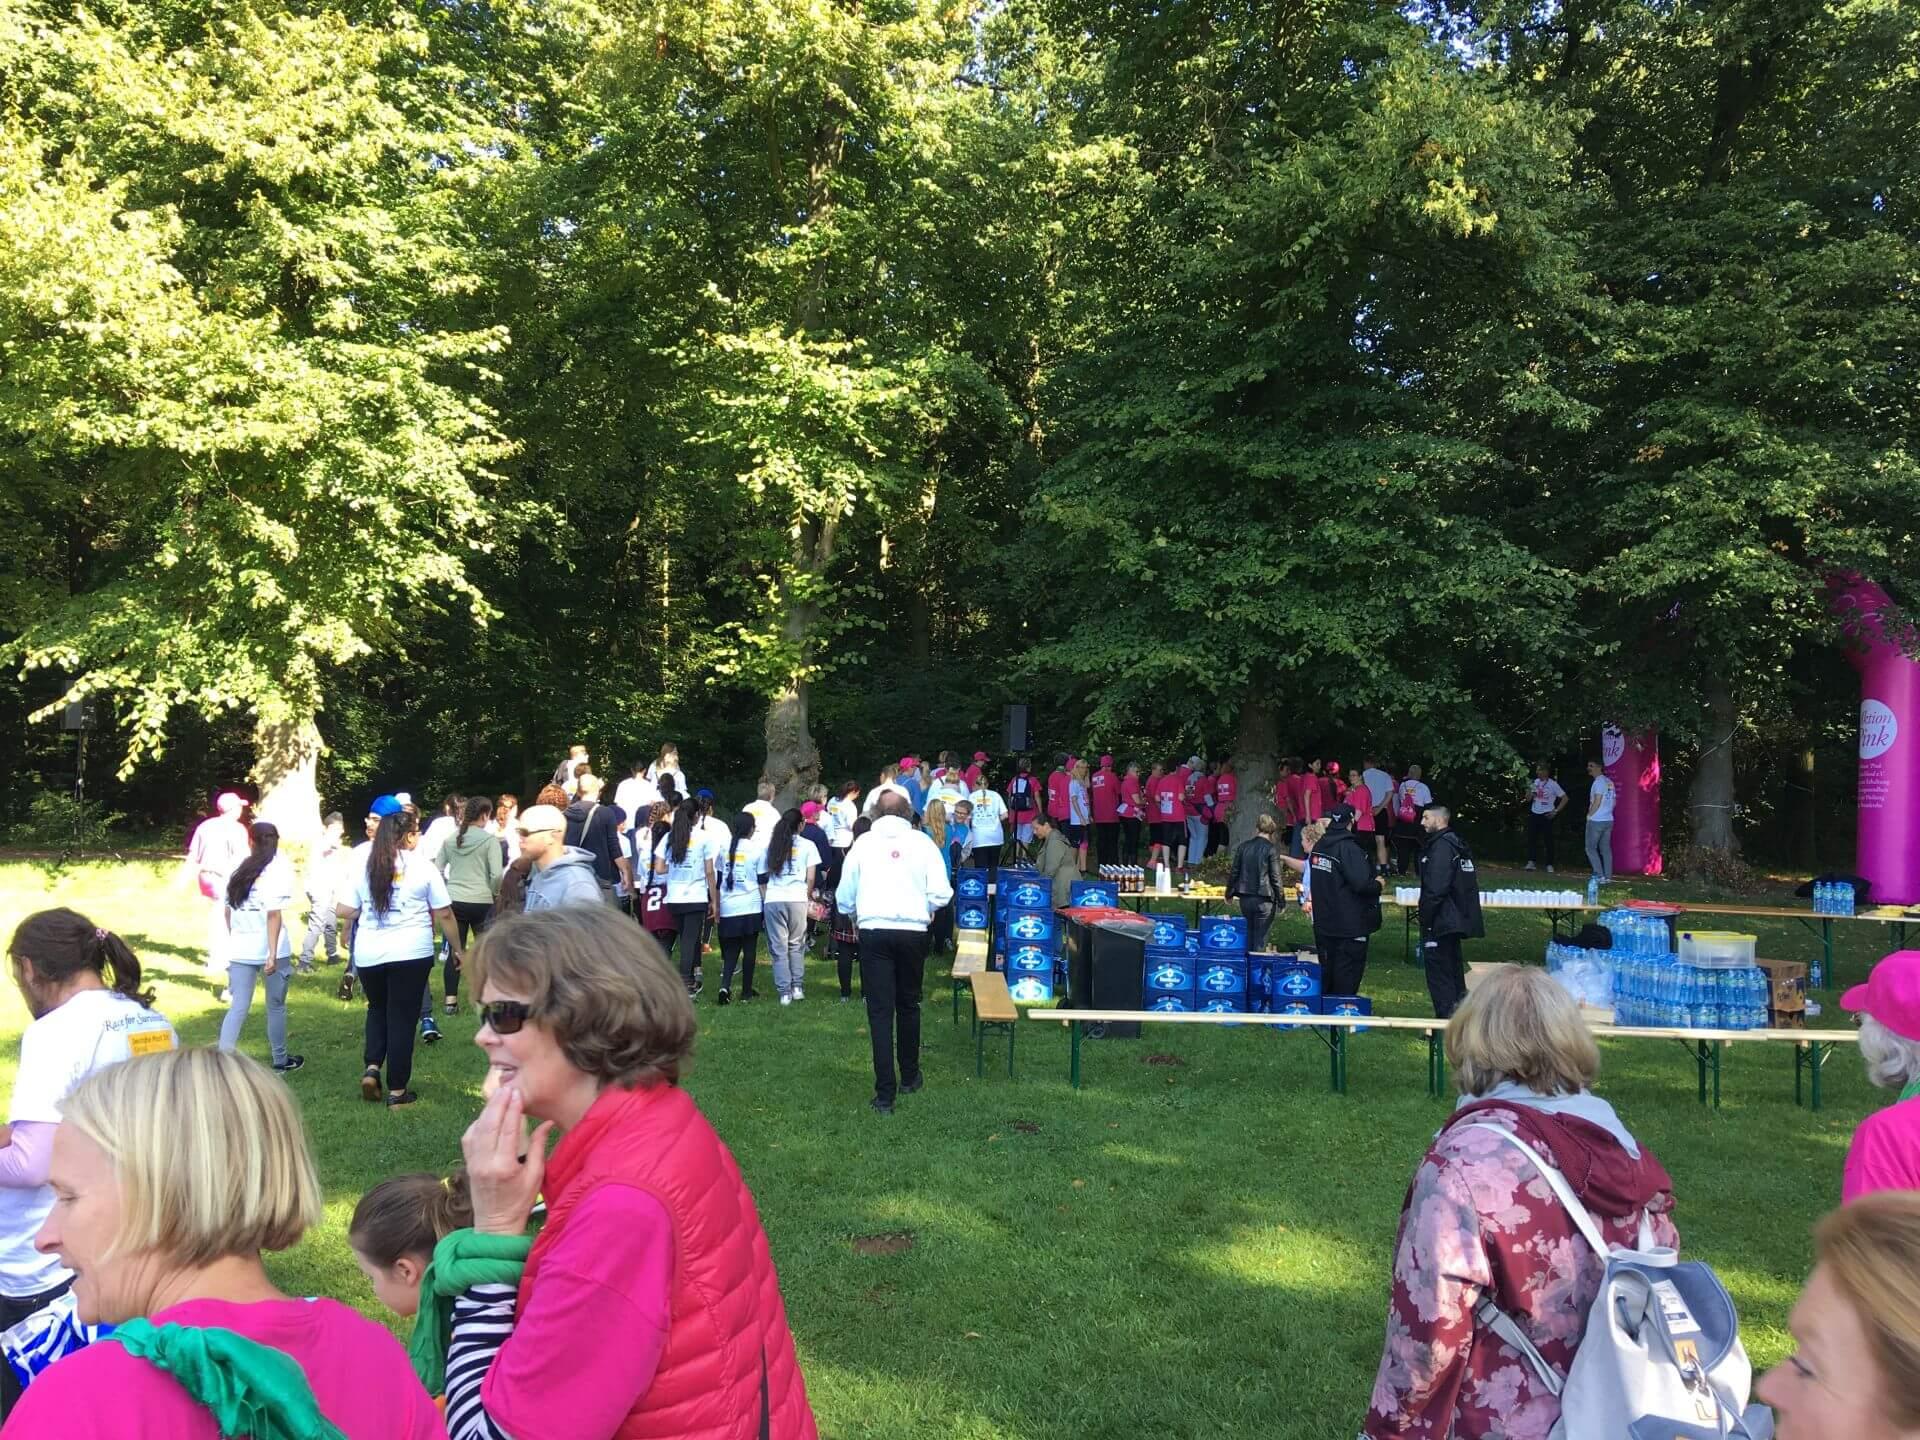 Volksfest-Stimmung in Hamburger Volksparkt beim 4. Race for Survival am 3. September 2017